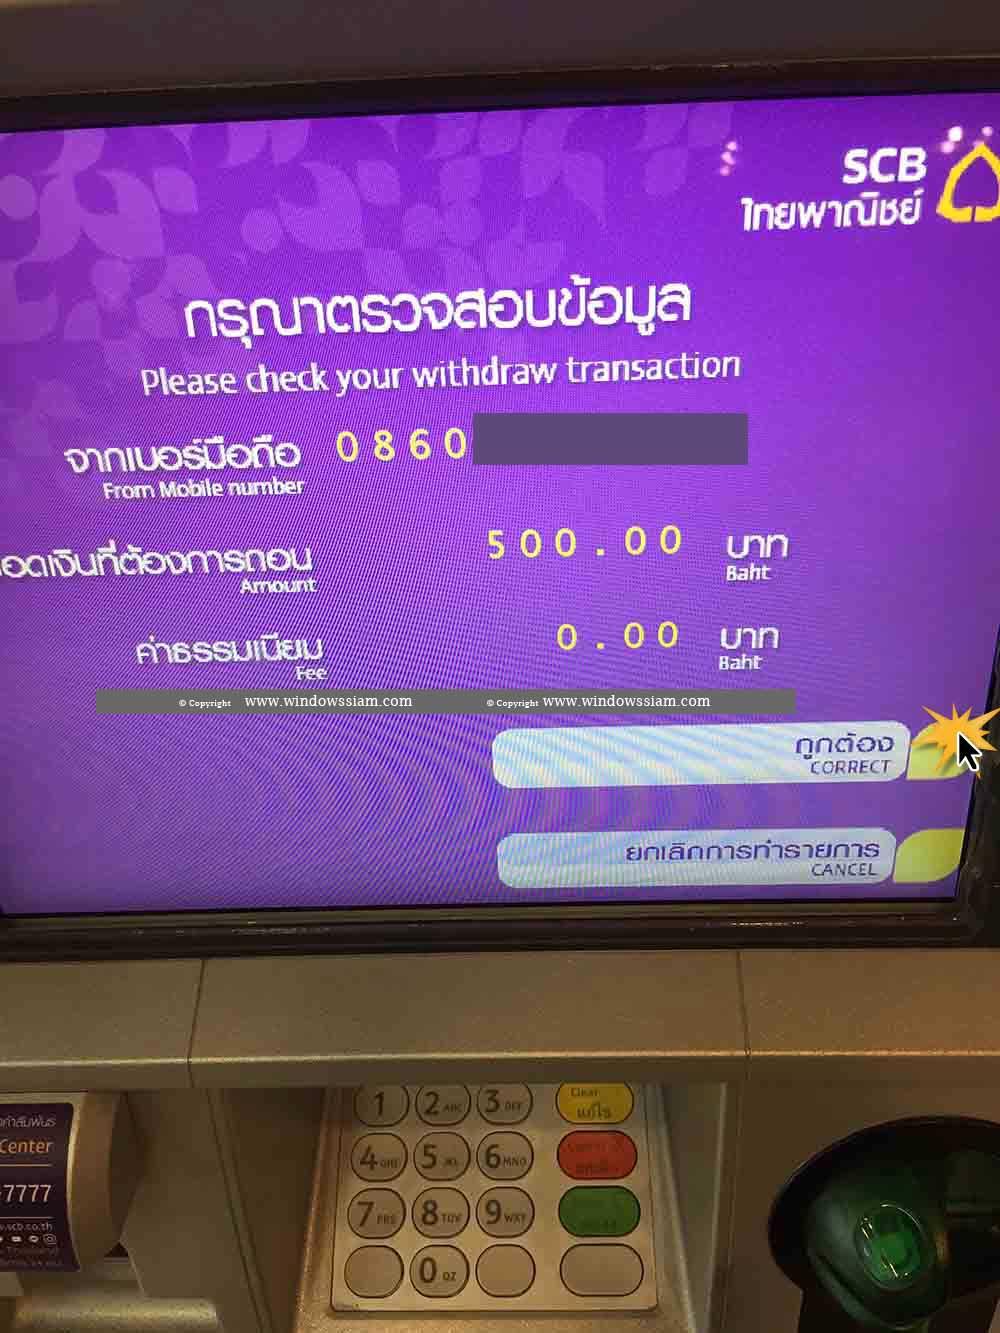 กดเงินไม่ใช้บัตร SCB Easy (6)